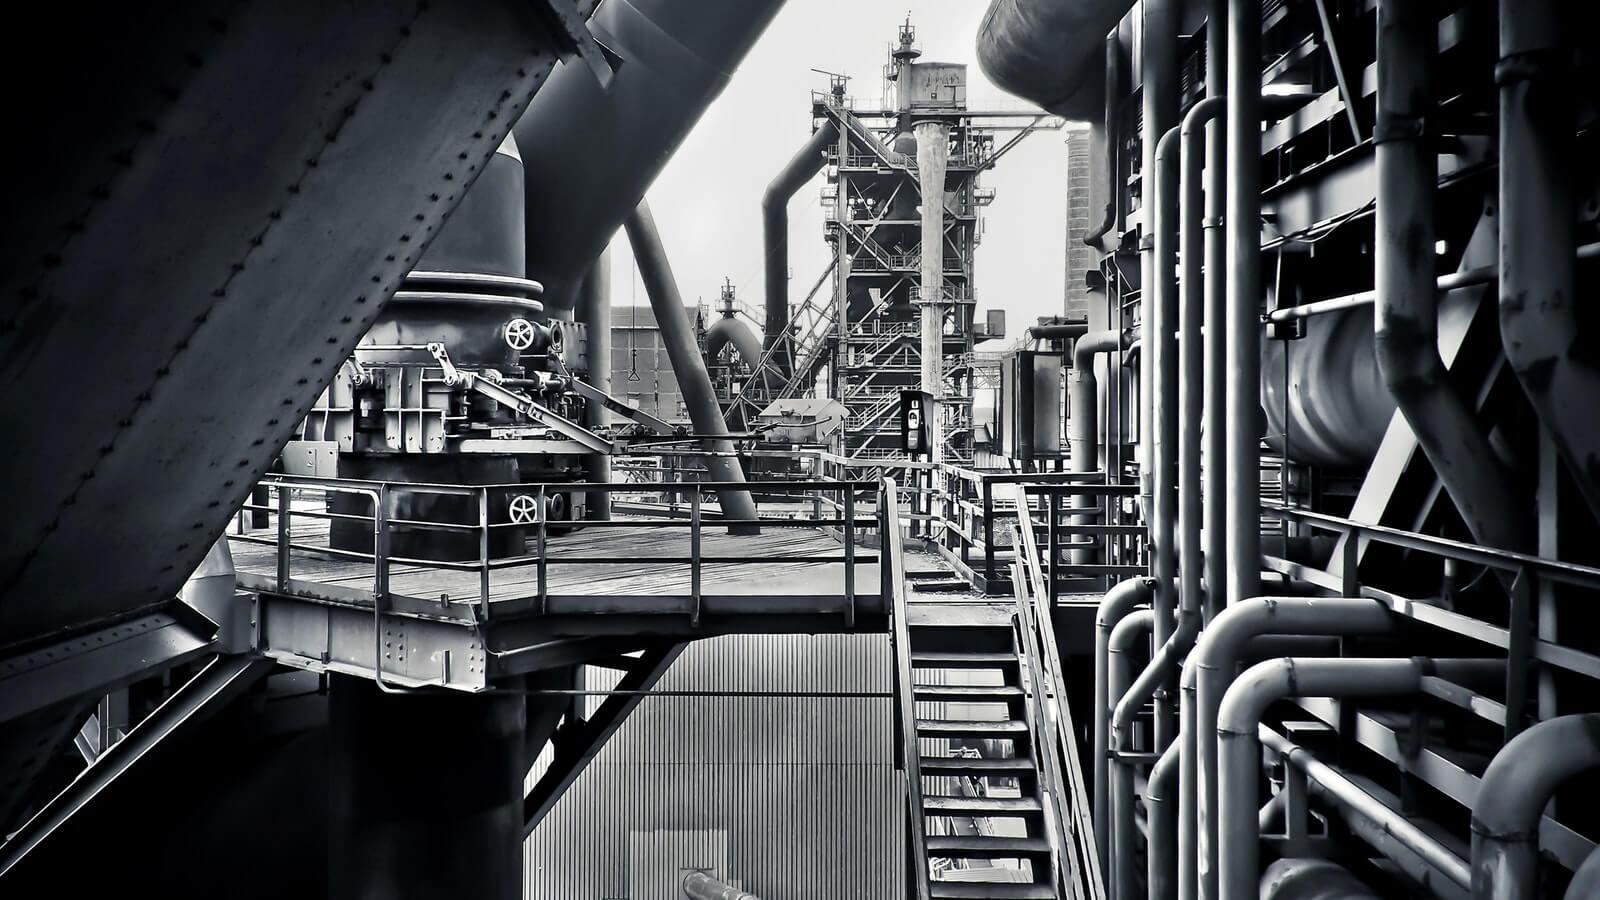 Endüstri Mühendisliği Lisans Programı 2019 Başarı Sıralamaları Burada!